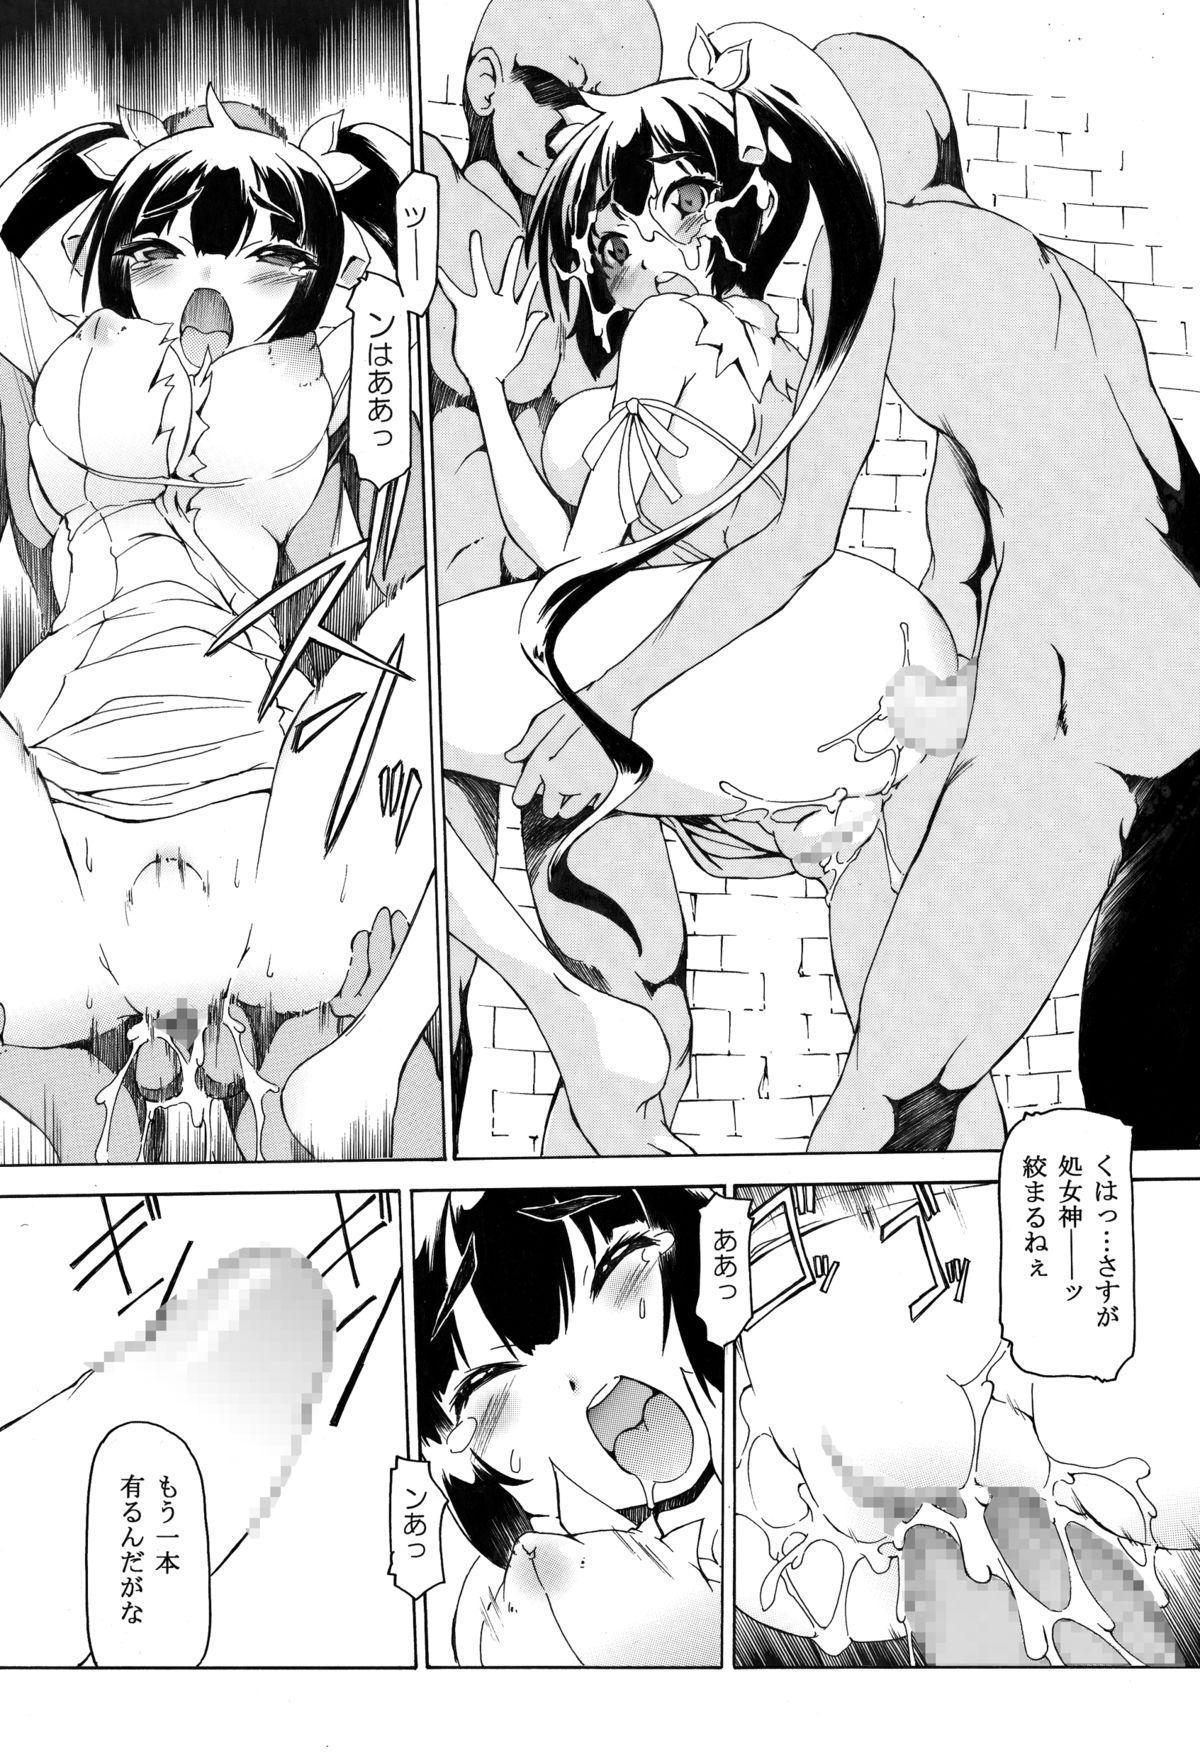 Hestia Ero Manga 6